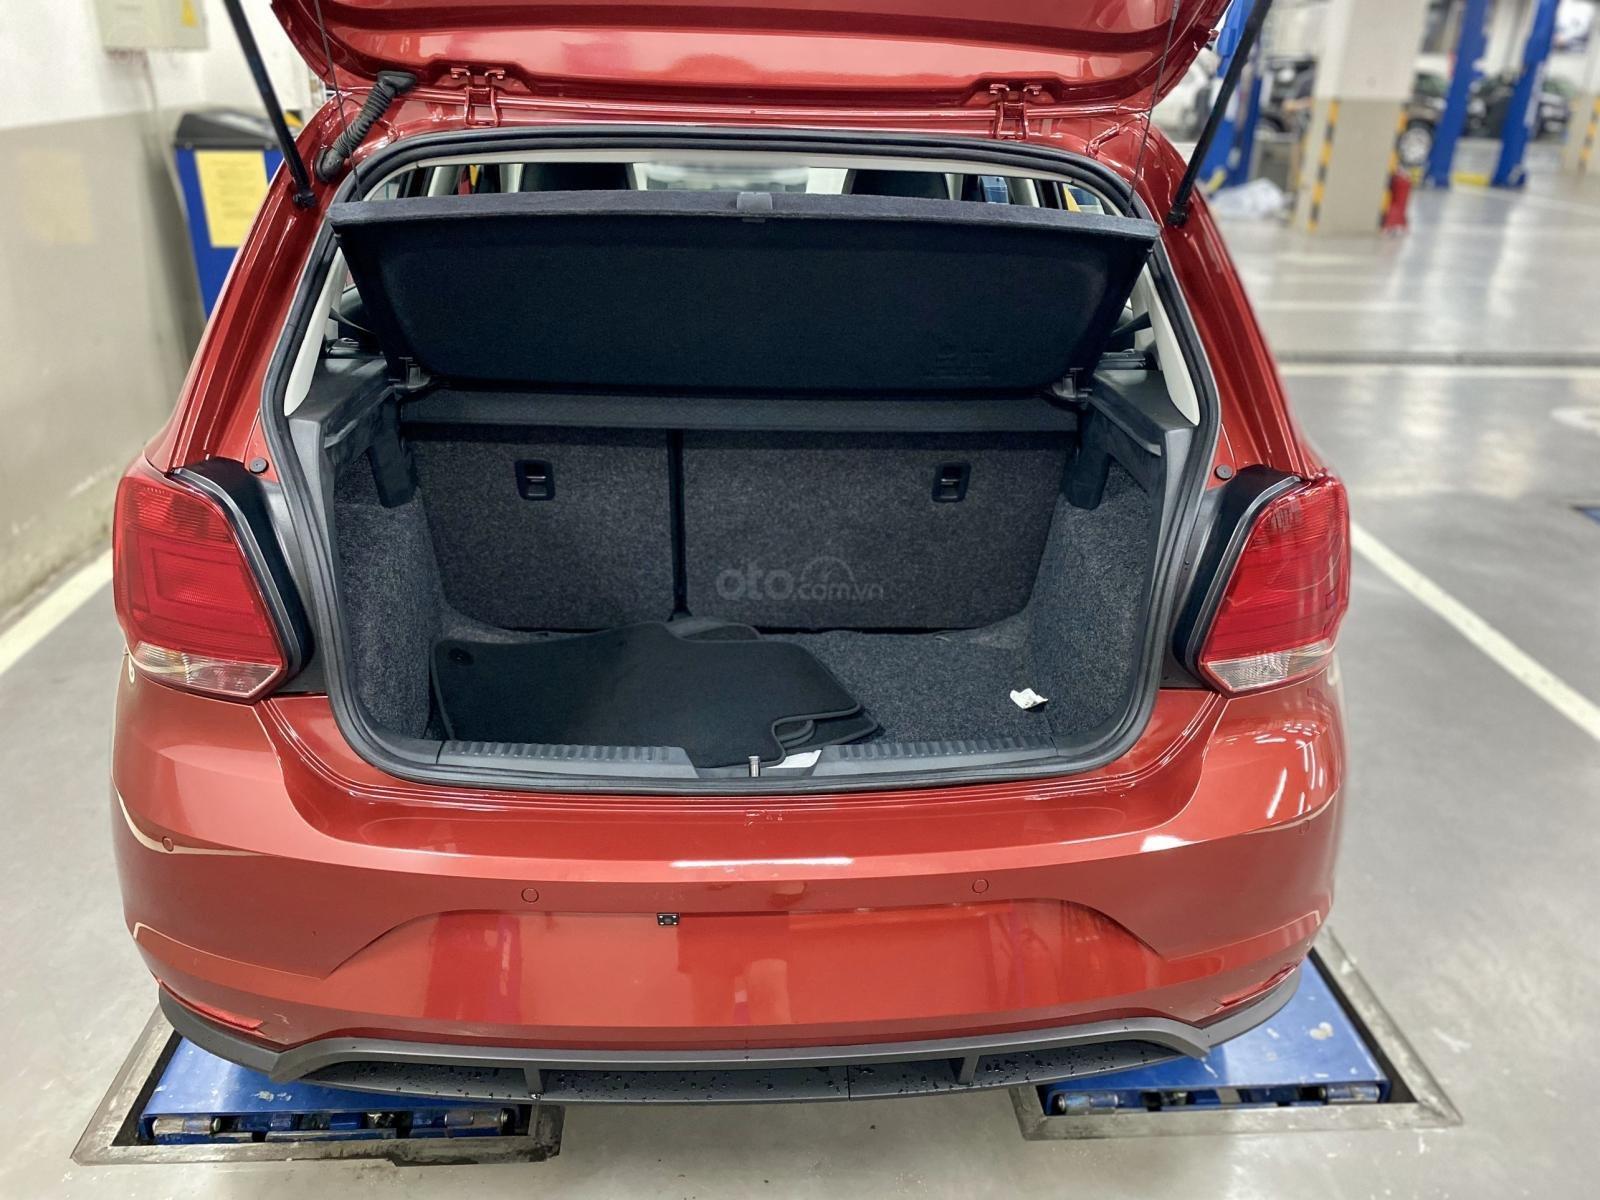 Cập nhật khuyến mãi tháng 10 cho xe Polo Hatchback, sản xuất 2020, đủ màu giao ngay (9)